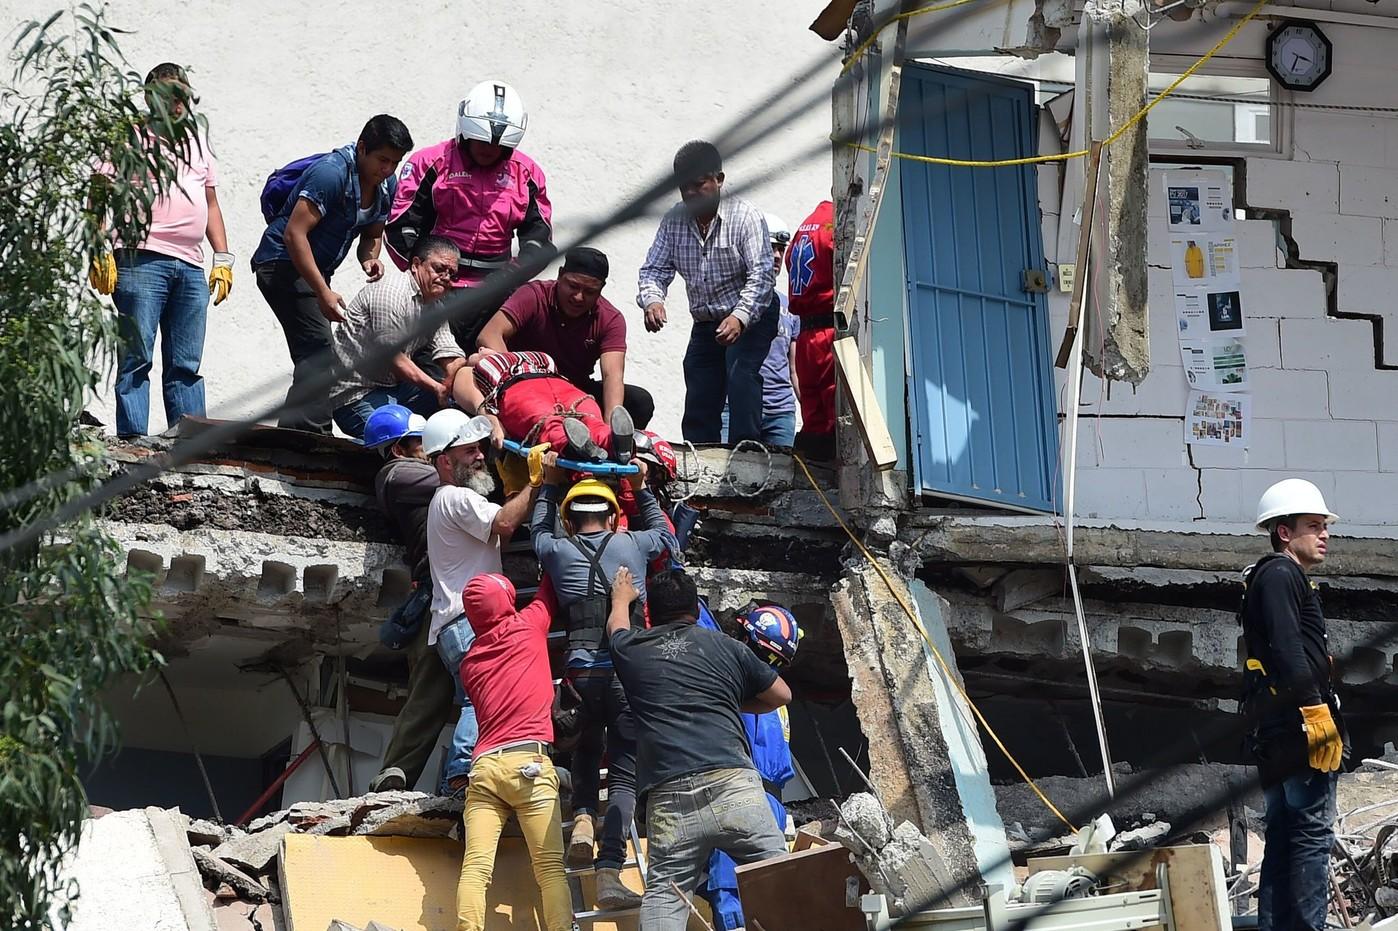 secours-loeuvre-Mexico-lendemain-puissant-seisme-touche-centre-Mexique-mardi-19-septembre-2017_1_1398_931.jpg